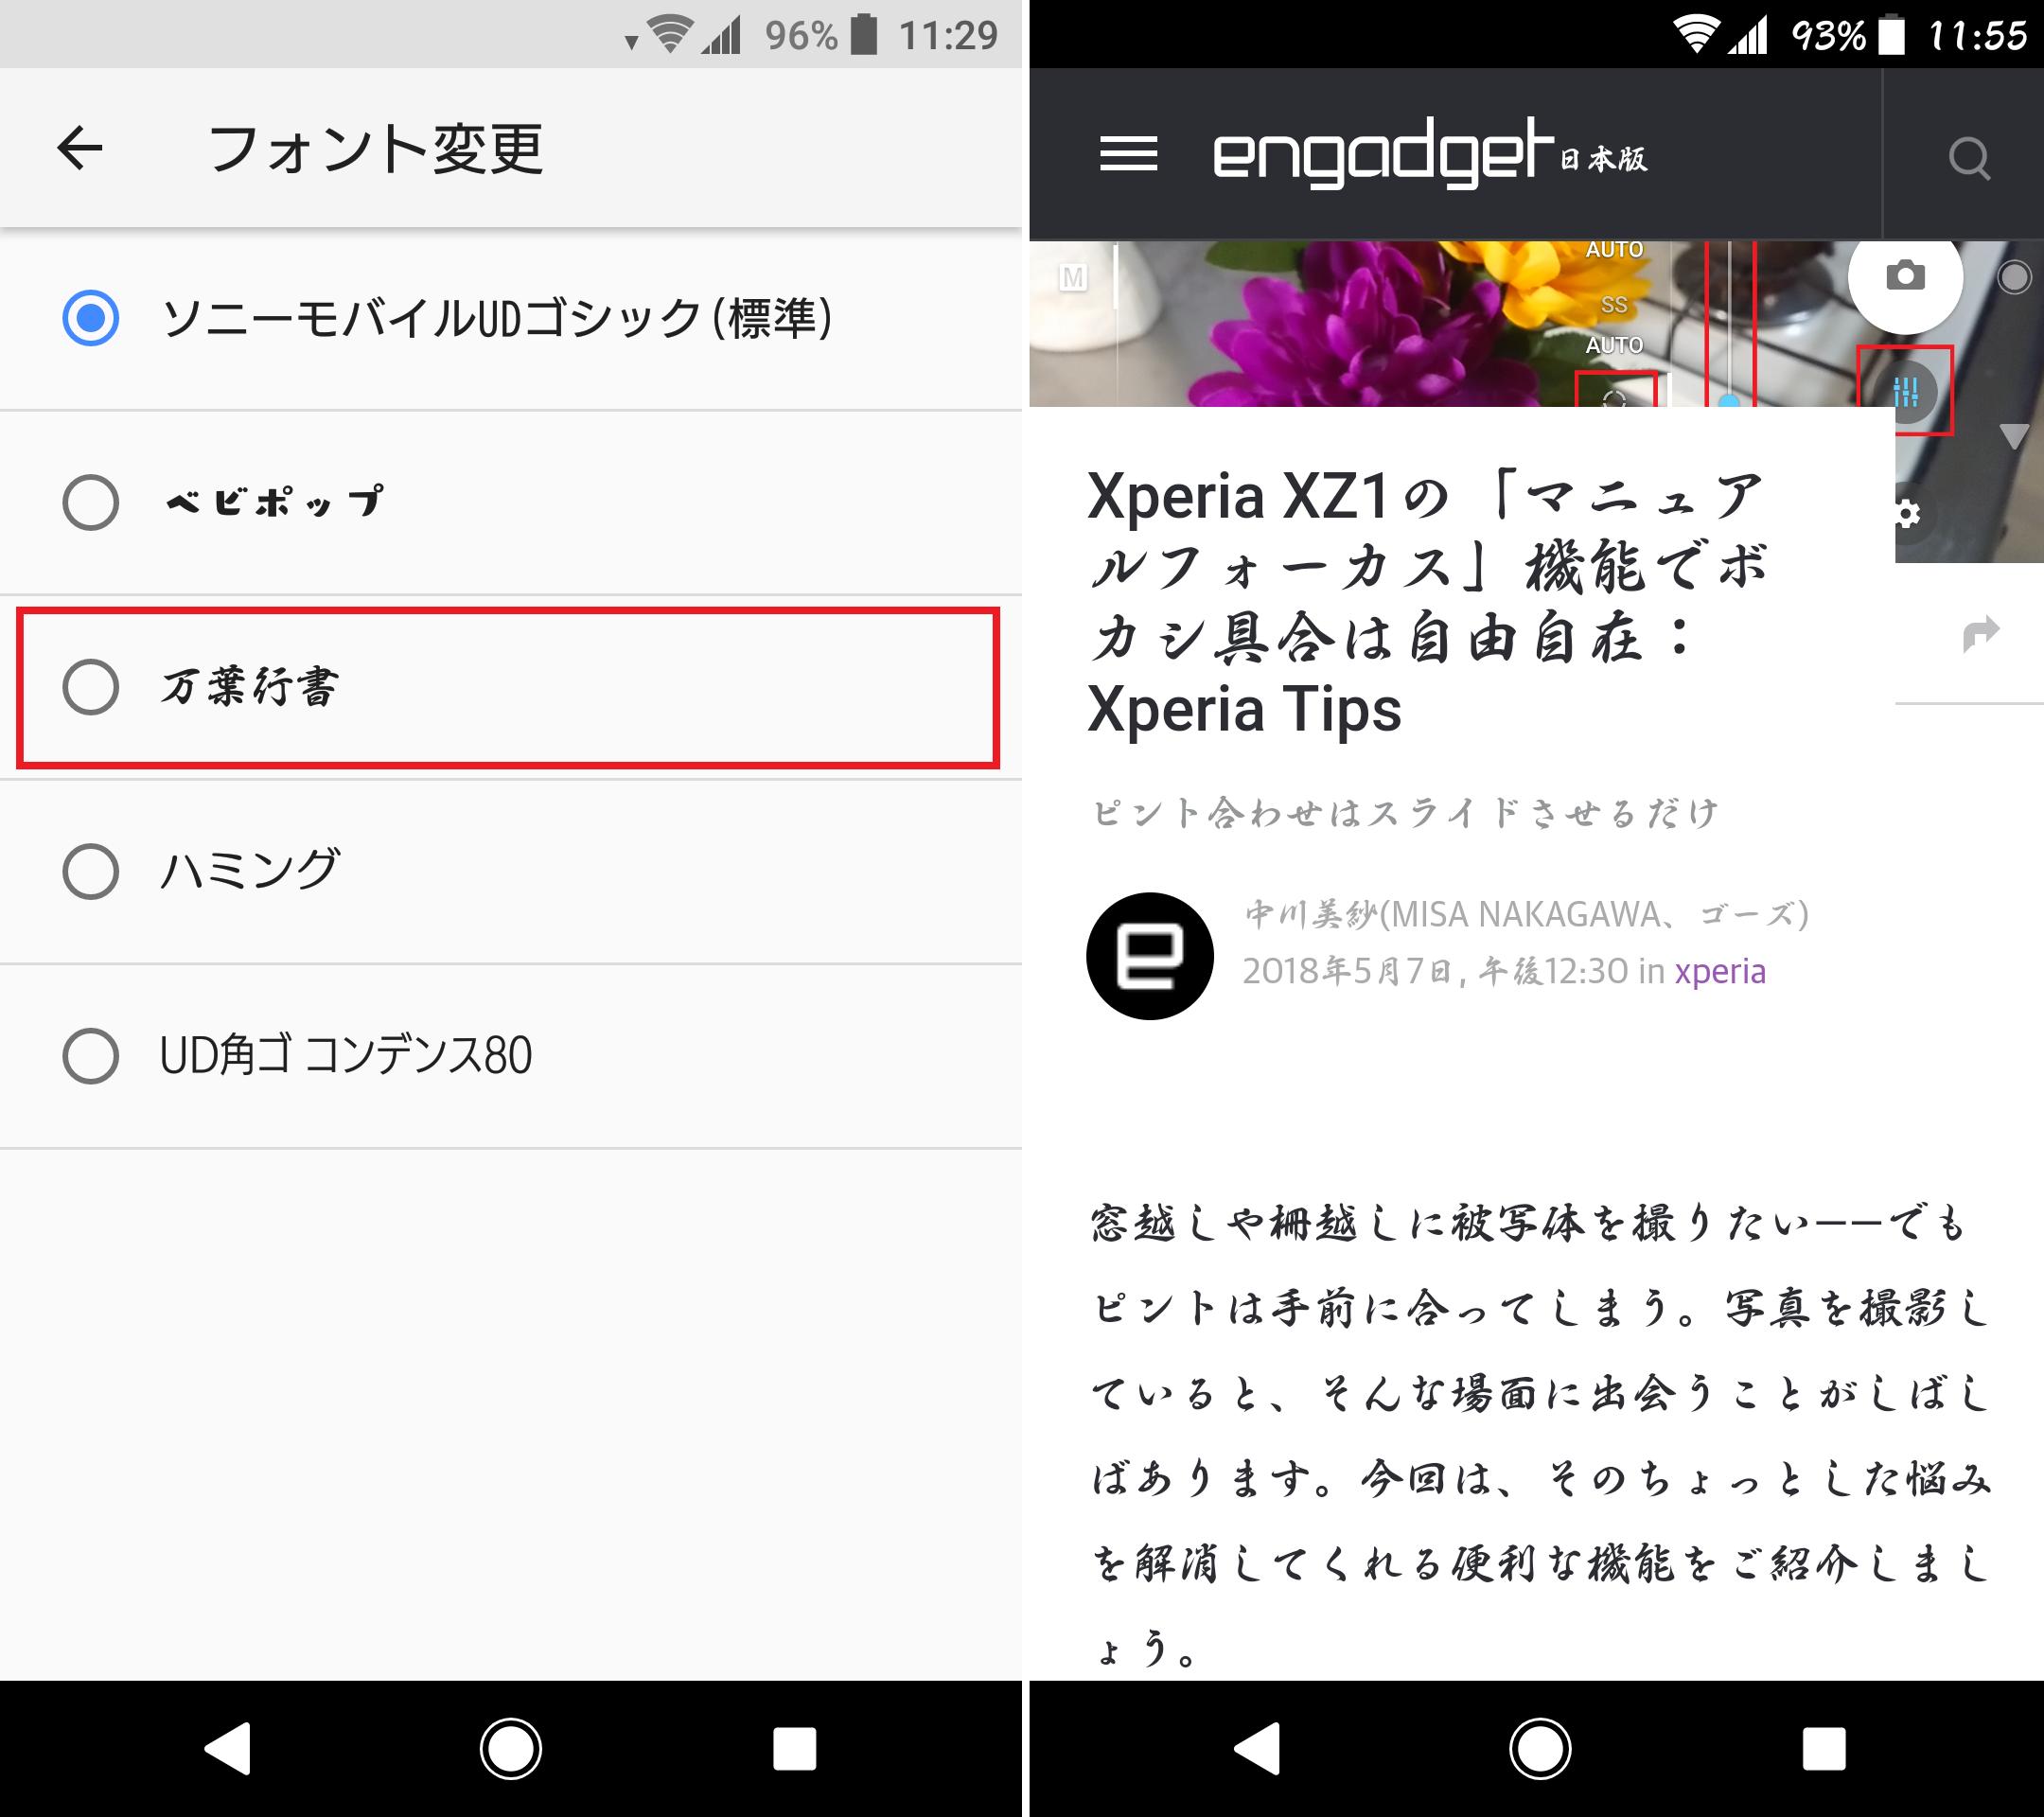 ネットニュースは万葉行書で読むと気分も変わる Xperiaのフォントで遊んでみた Xperia Tips Engadget 日本版